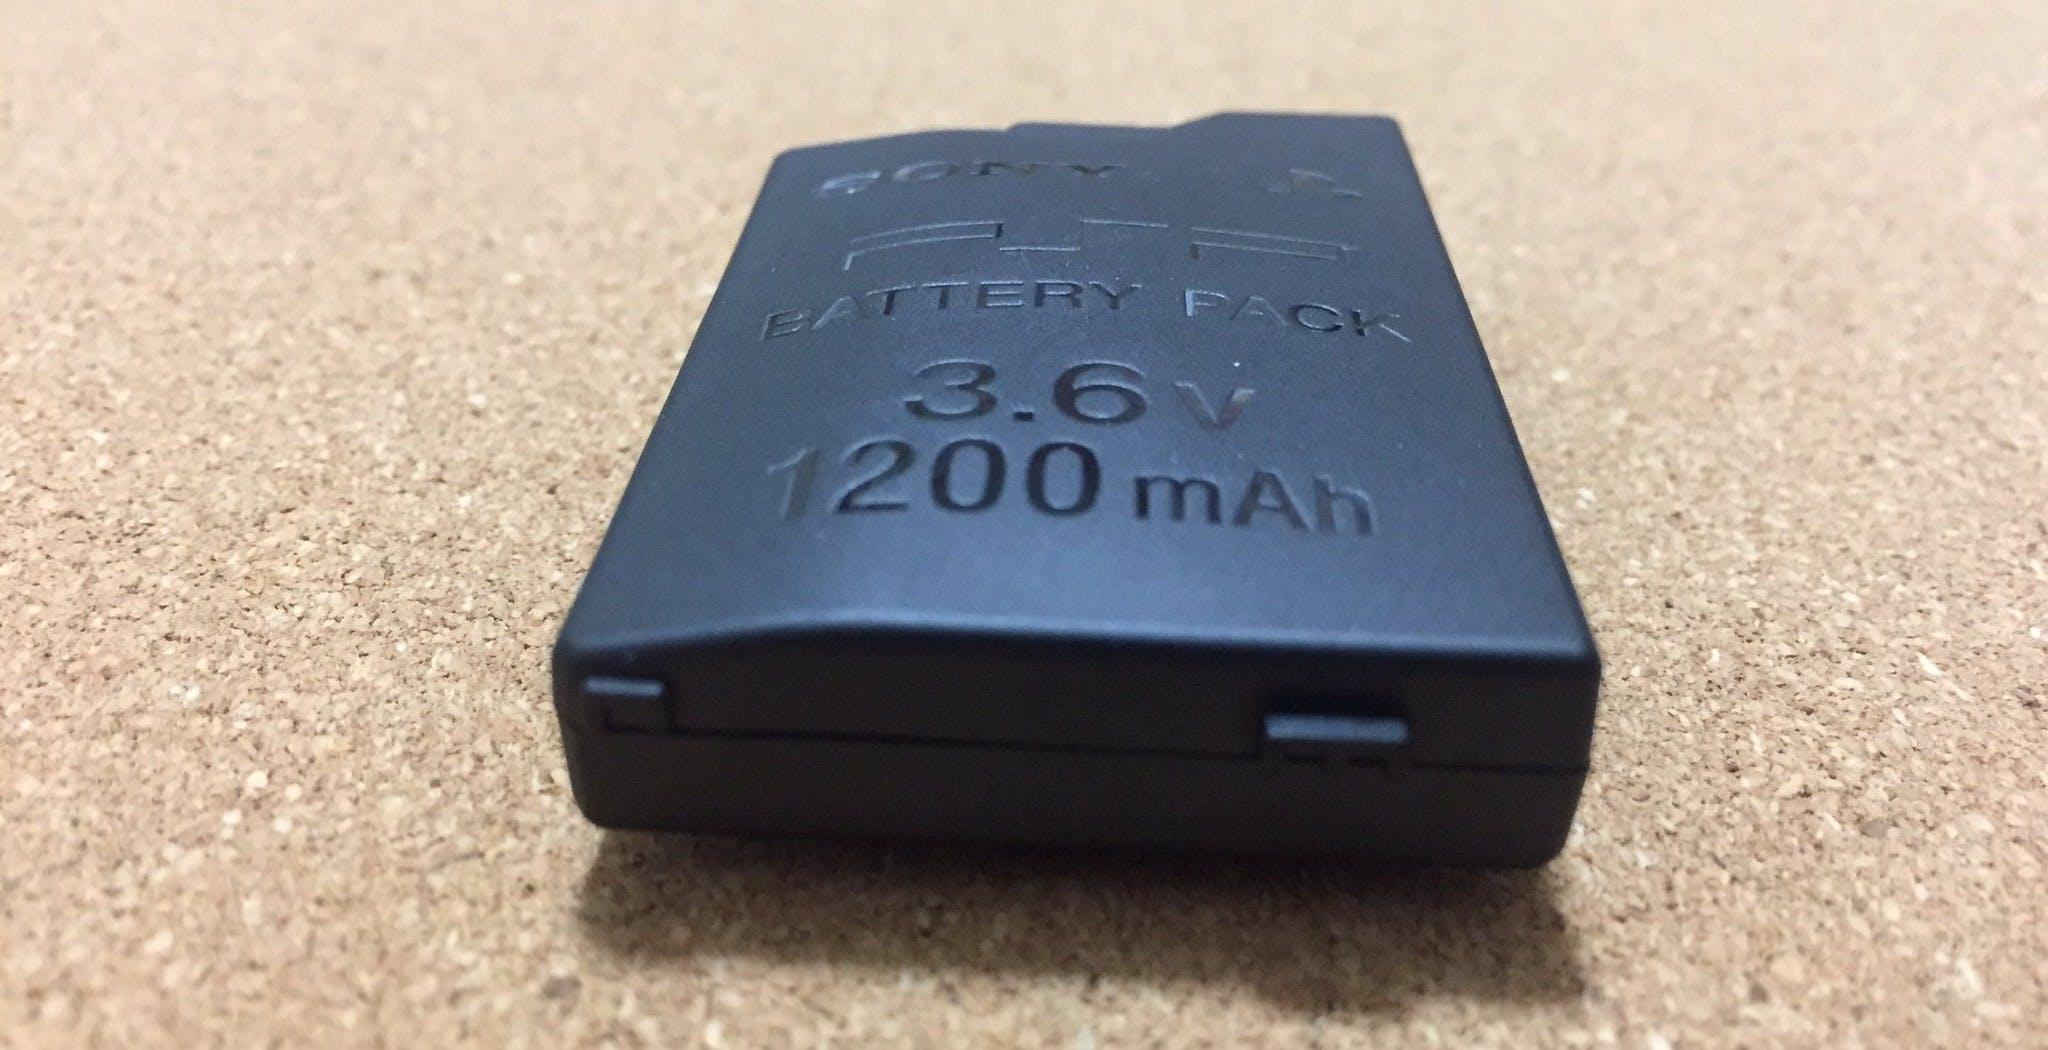 Controlla la tua PSP: la sua batteria potrebbe essersi gonfiata